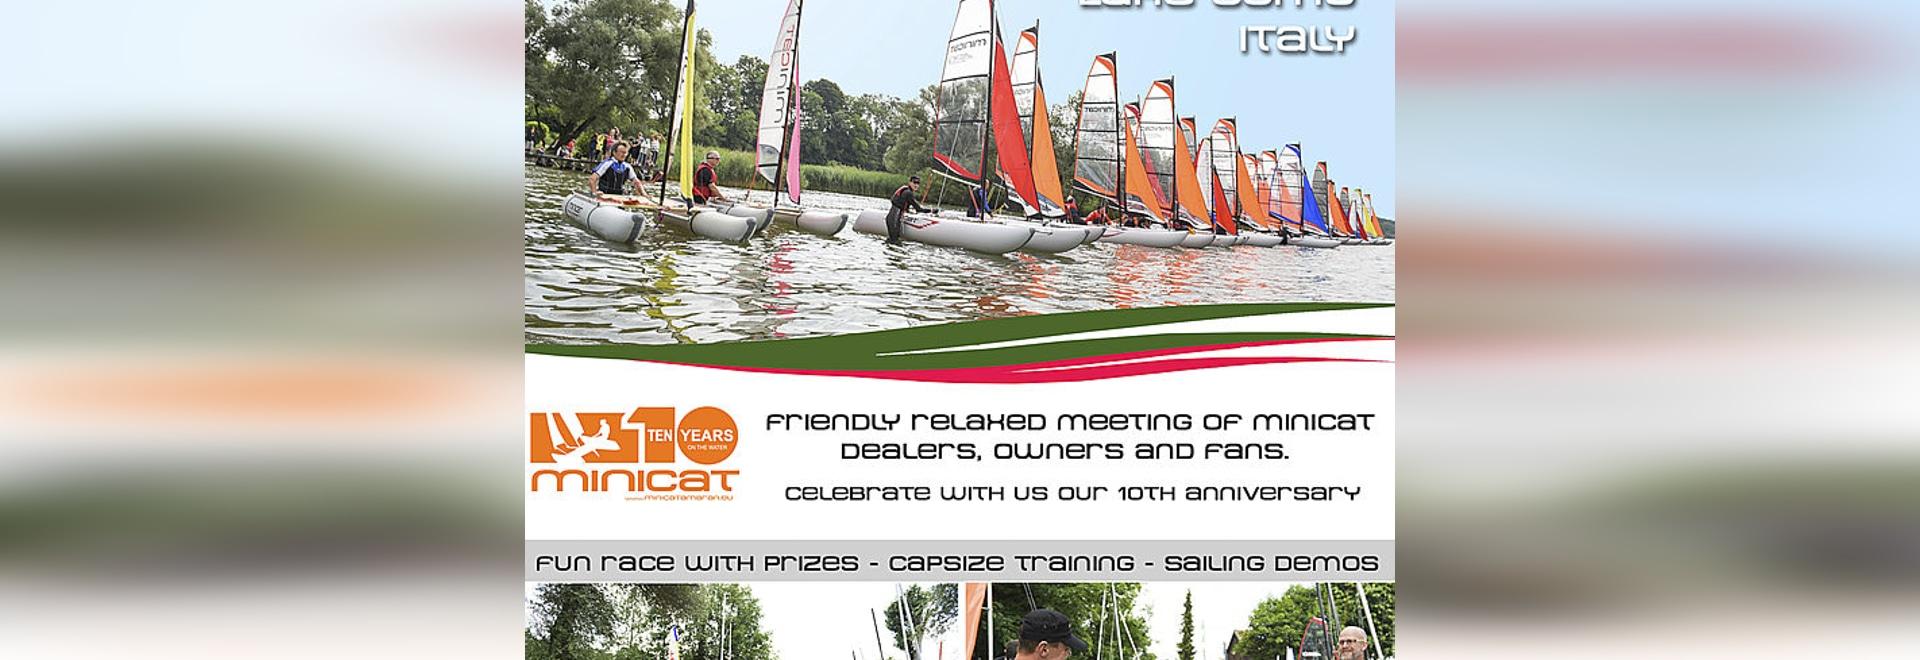 3rd International MiniCat Meeting